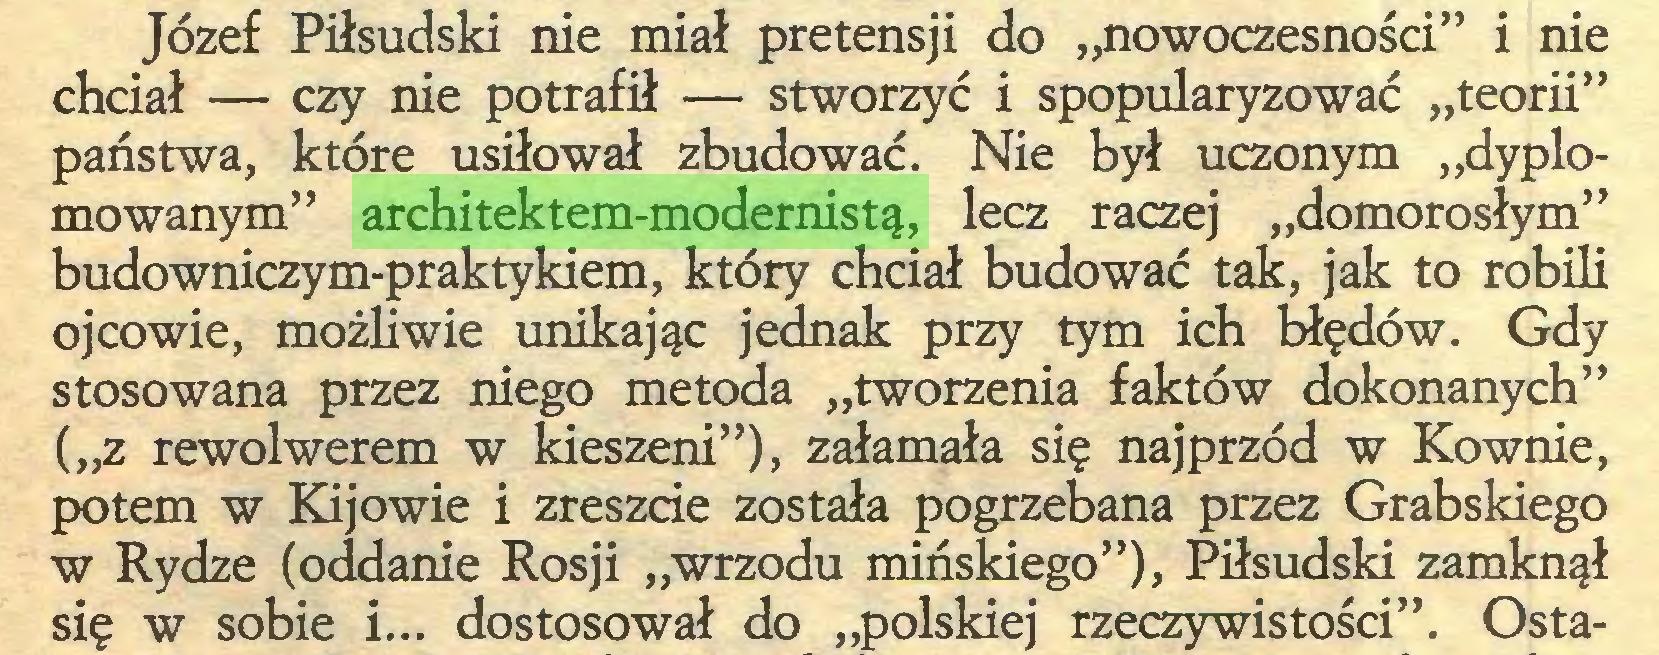 """(...) Józef Piłsudski nie miał pretensji do """"nowoczesności"""" i nie chciał — czy nie potrafił — stworzyć i spopularyzować """"teorii"""" państwa, które usiłował zbudować. Nie był uczonym """"dyplomowanym"""" architektem-modernistą, lecz raczej """"domorosłym"""" budowniczym-praktykiem, który chciał budować tak, jak to robili ojcowie, możliwie unikając jednak przy tym ich błędów. Gdy stosowana przez niego metoda """"tworzenia faktów dokonanych"""" (""""z rewolwerem w kieszeni""""), załamała się najprzód w Kownie, potem w Kijowie i zreszcie została pogrzebana przez Grabskiego w Rydze (oddanie Rosji """"wrzodu mińskiego""""), Piłsudski zamknął się w sobie i... dostosował do """"polskiej rzeczywistości"""". Osta..."""